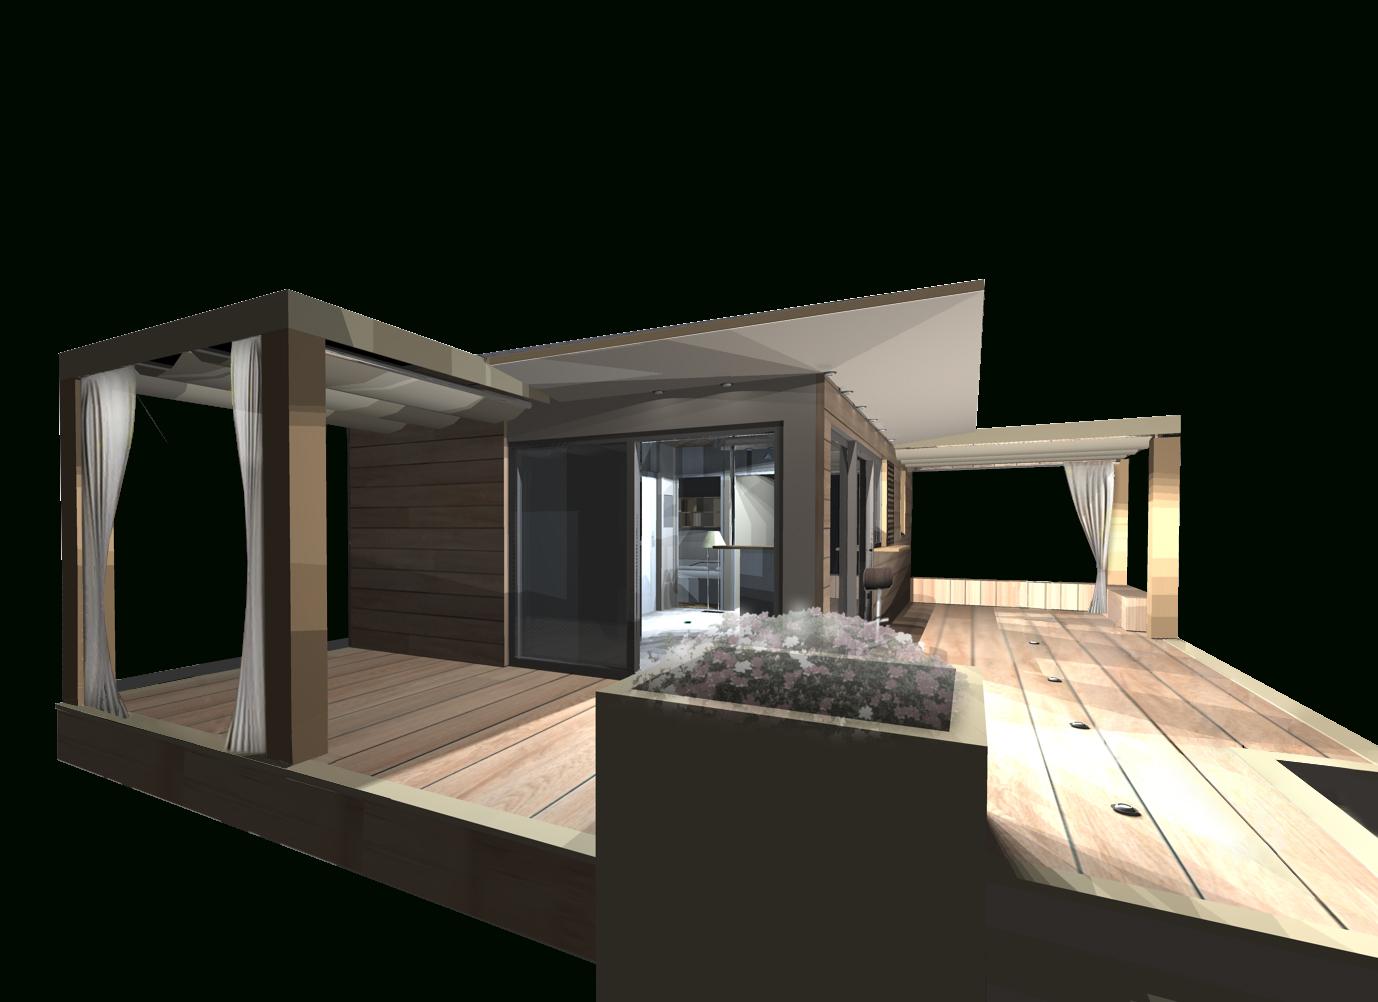 Studio De Jardin, Bureau De Jardin, Dependance Maison ... pour Studio De Jardin Habitable